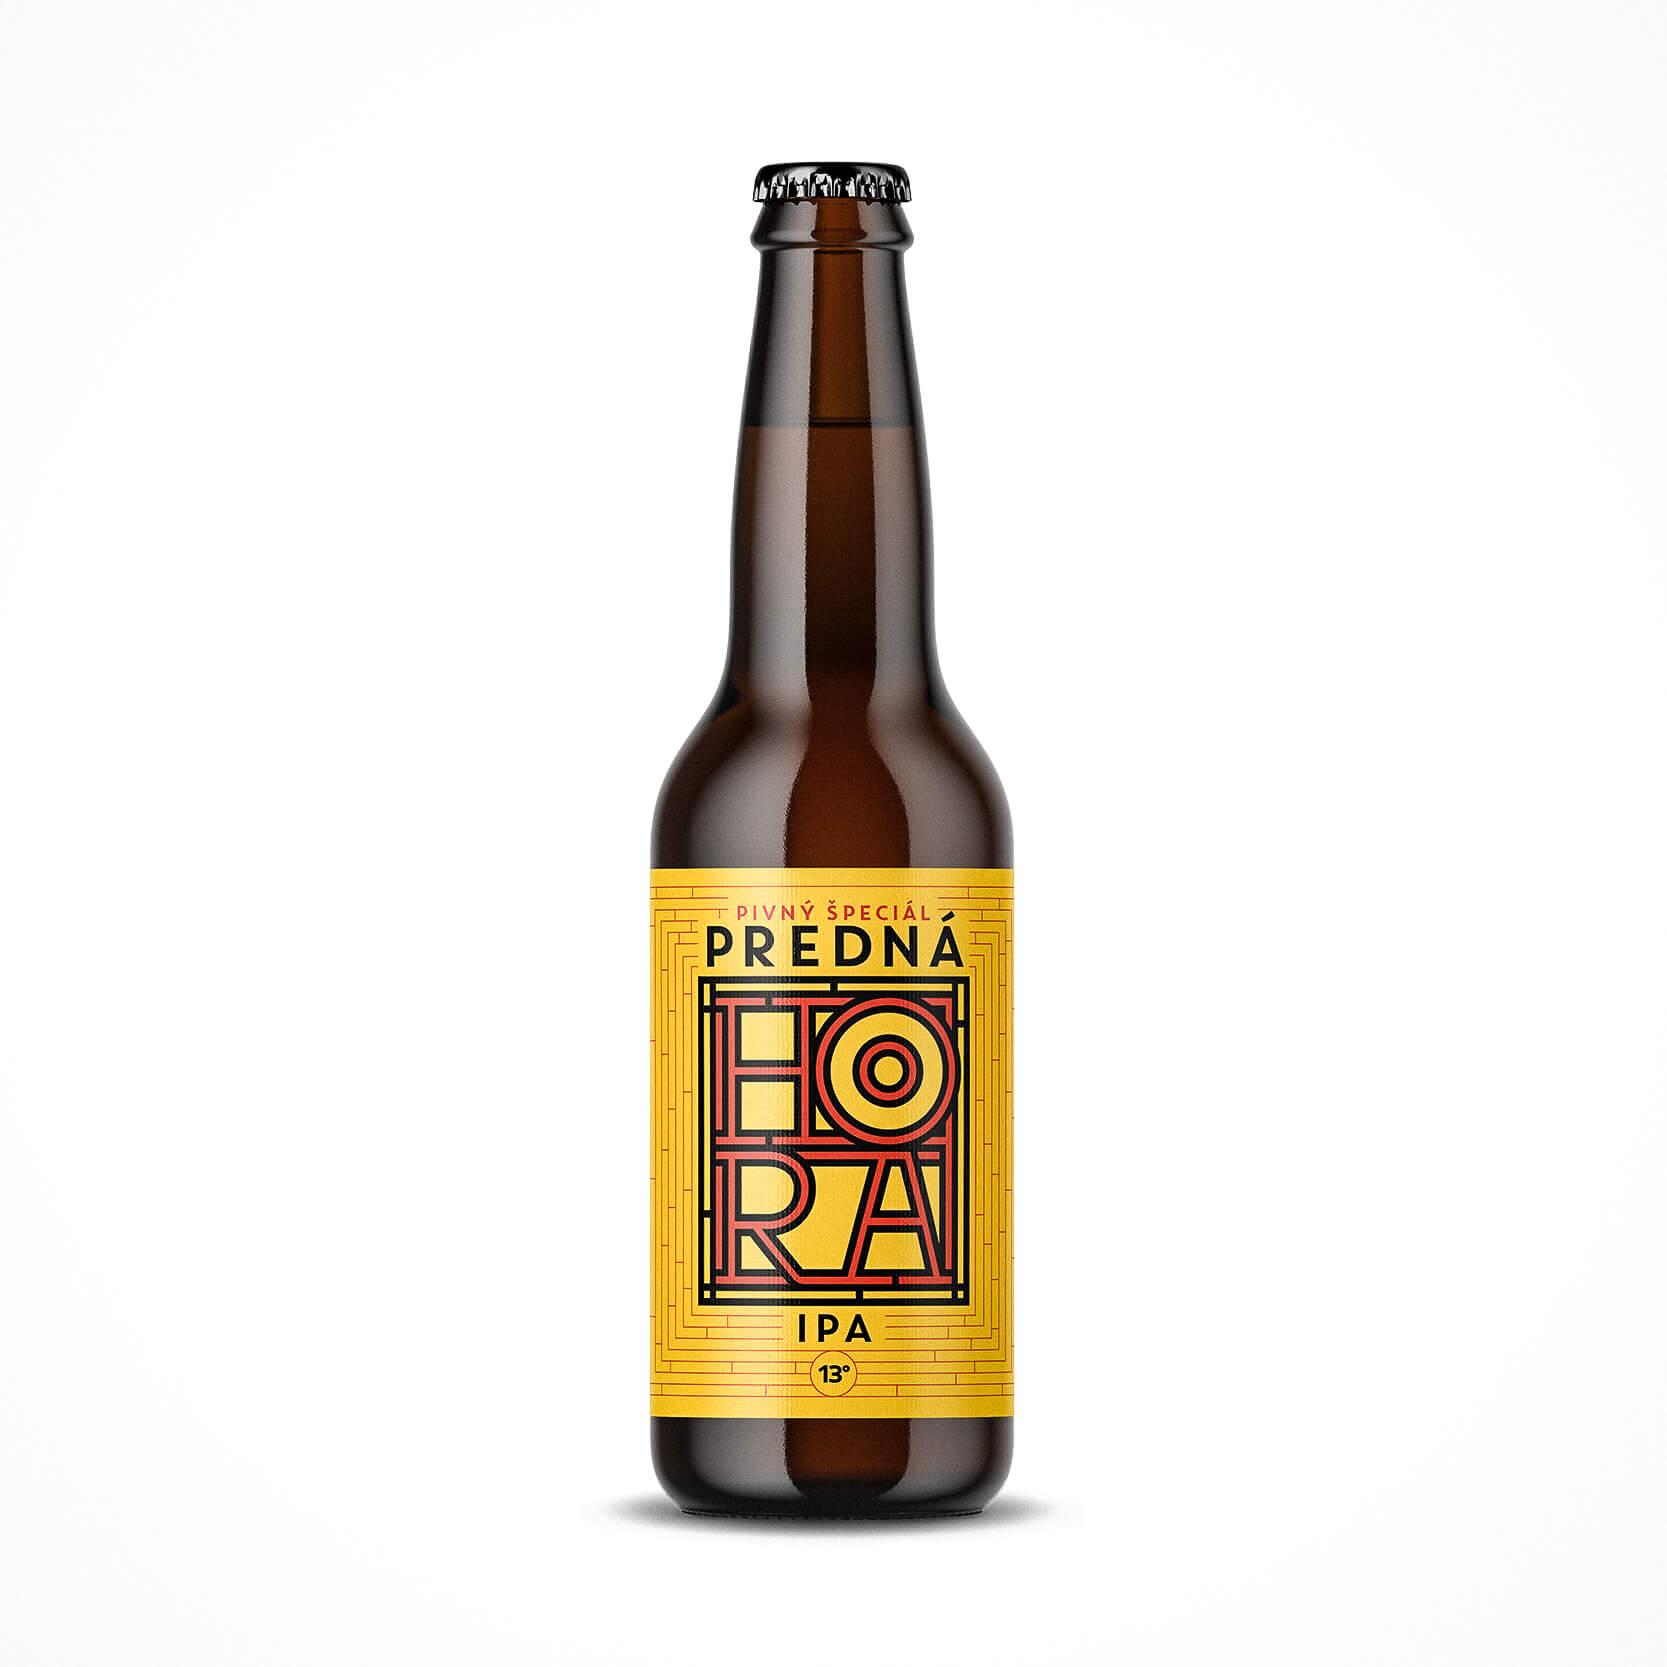 Etiketa na pivo, obalový dizajn IPA Predná Hora